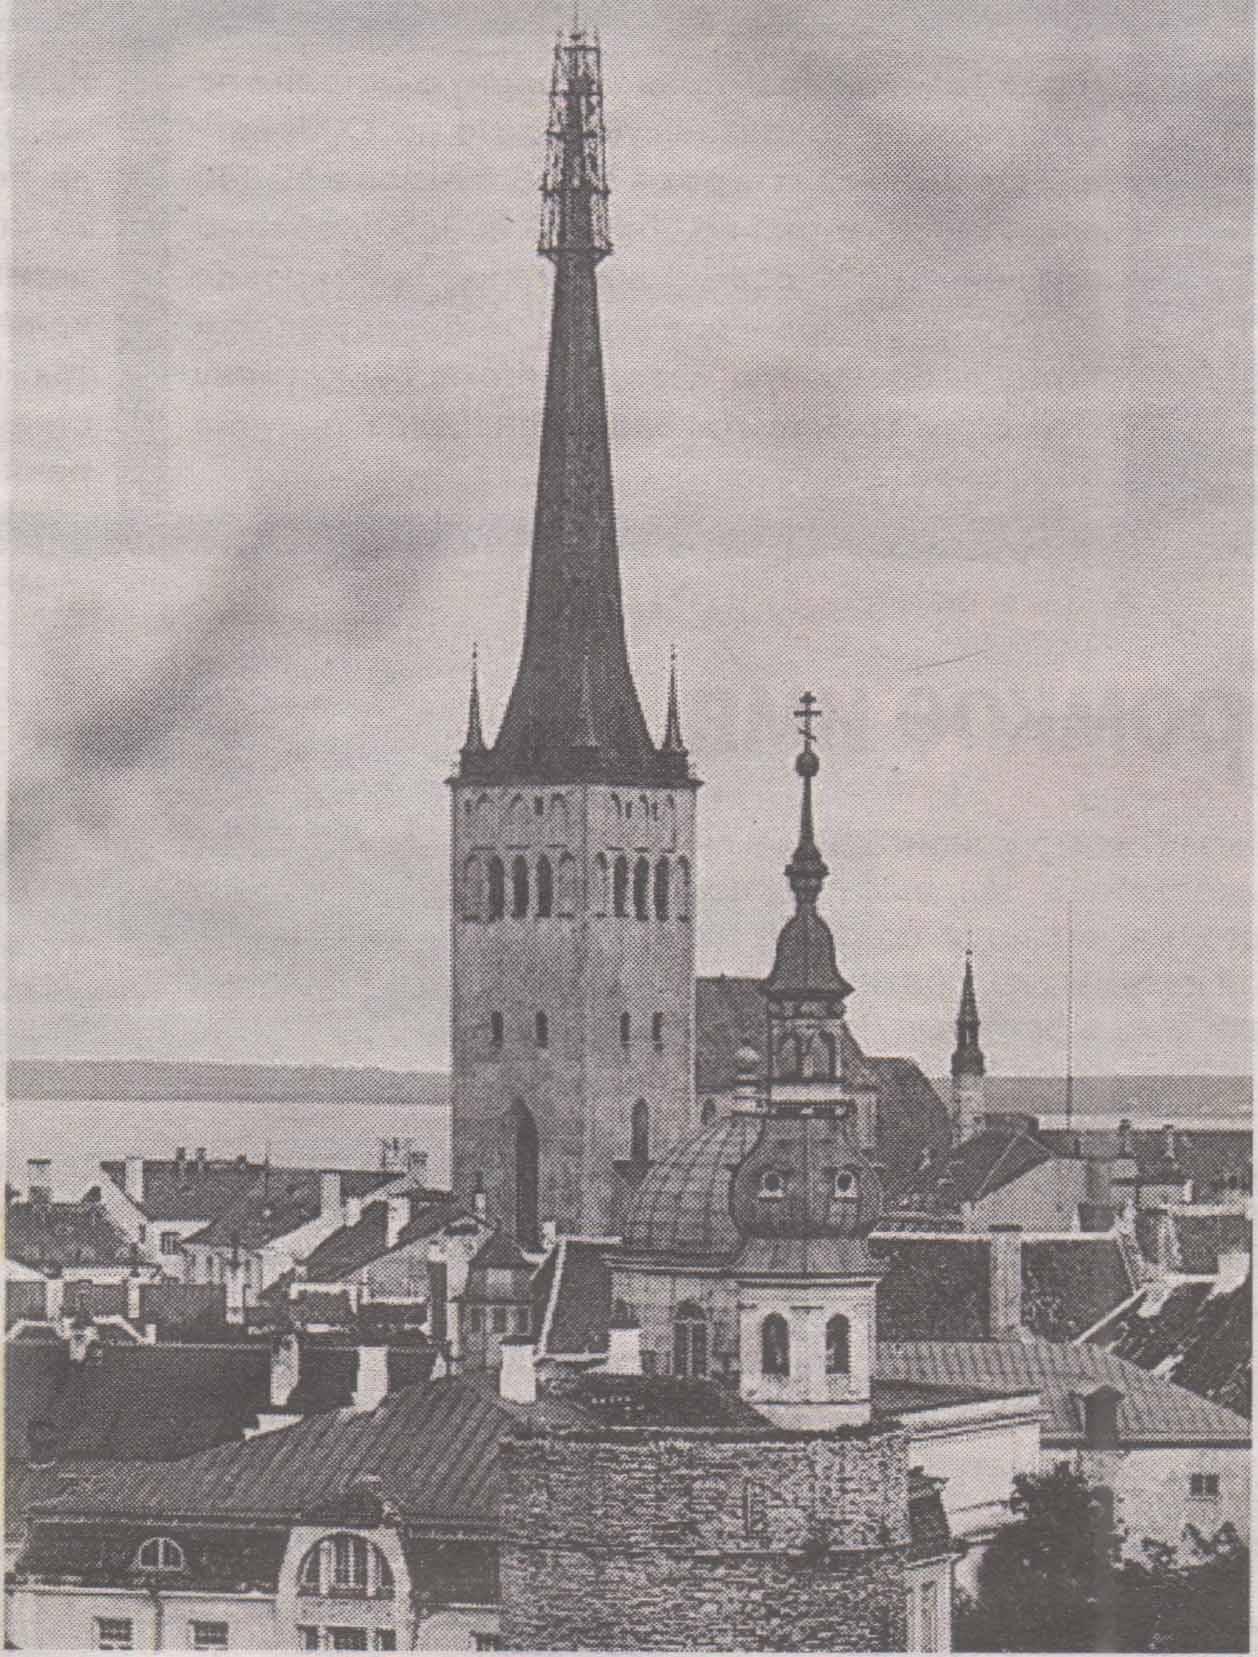 Вид на шпиль церкви Олевисте со строительными лесами во время проведения послепожарных реставрационных работ. Август-ноябрь 1931 года.